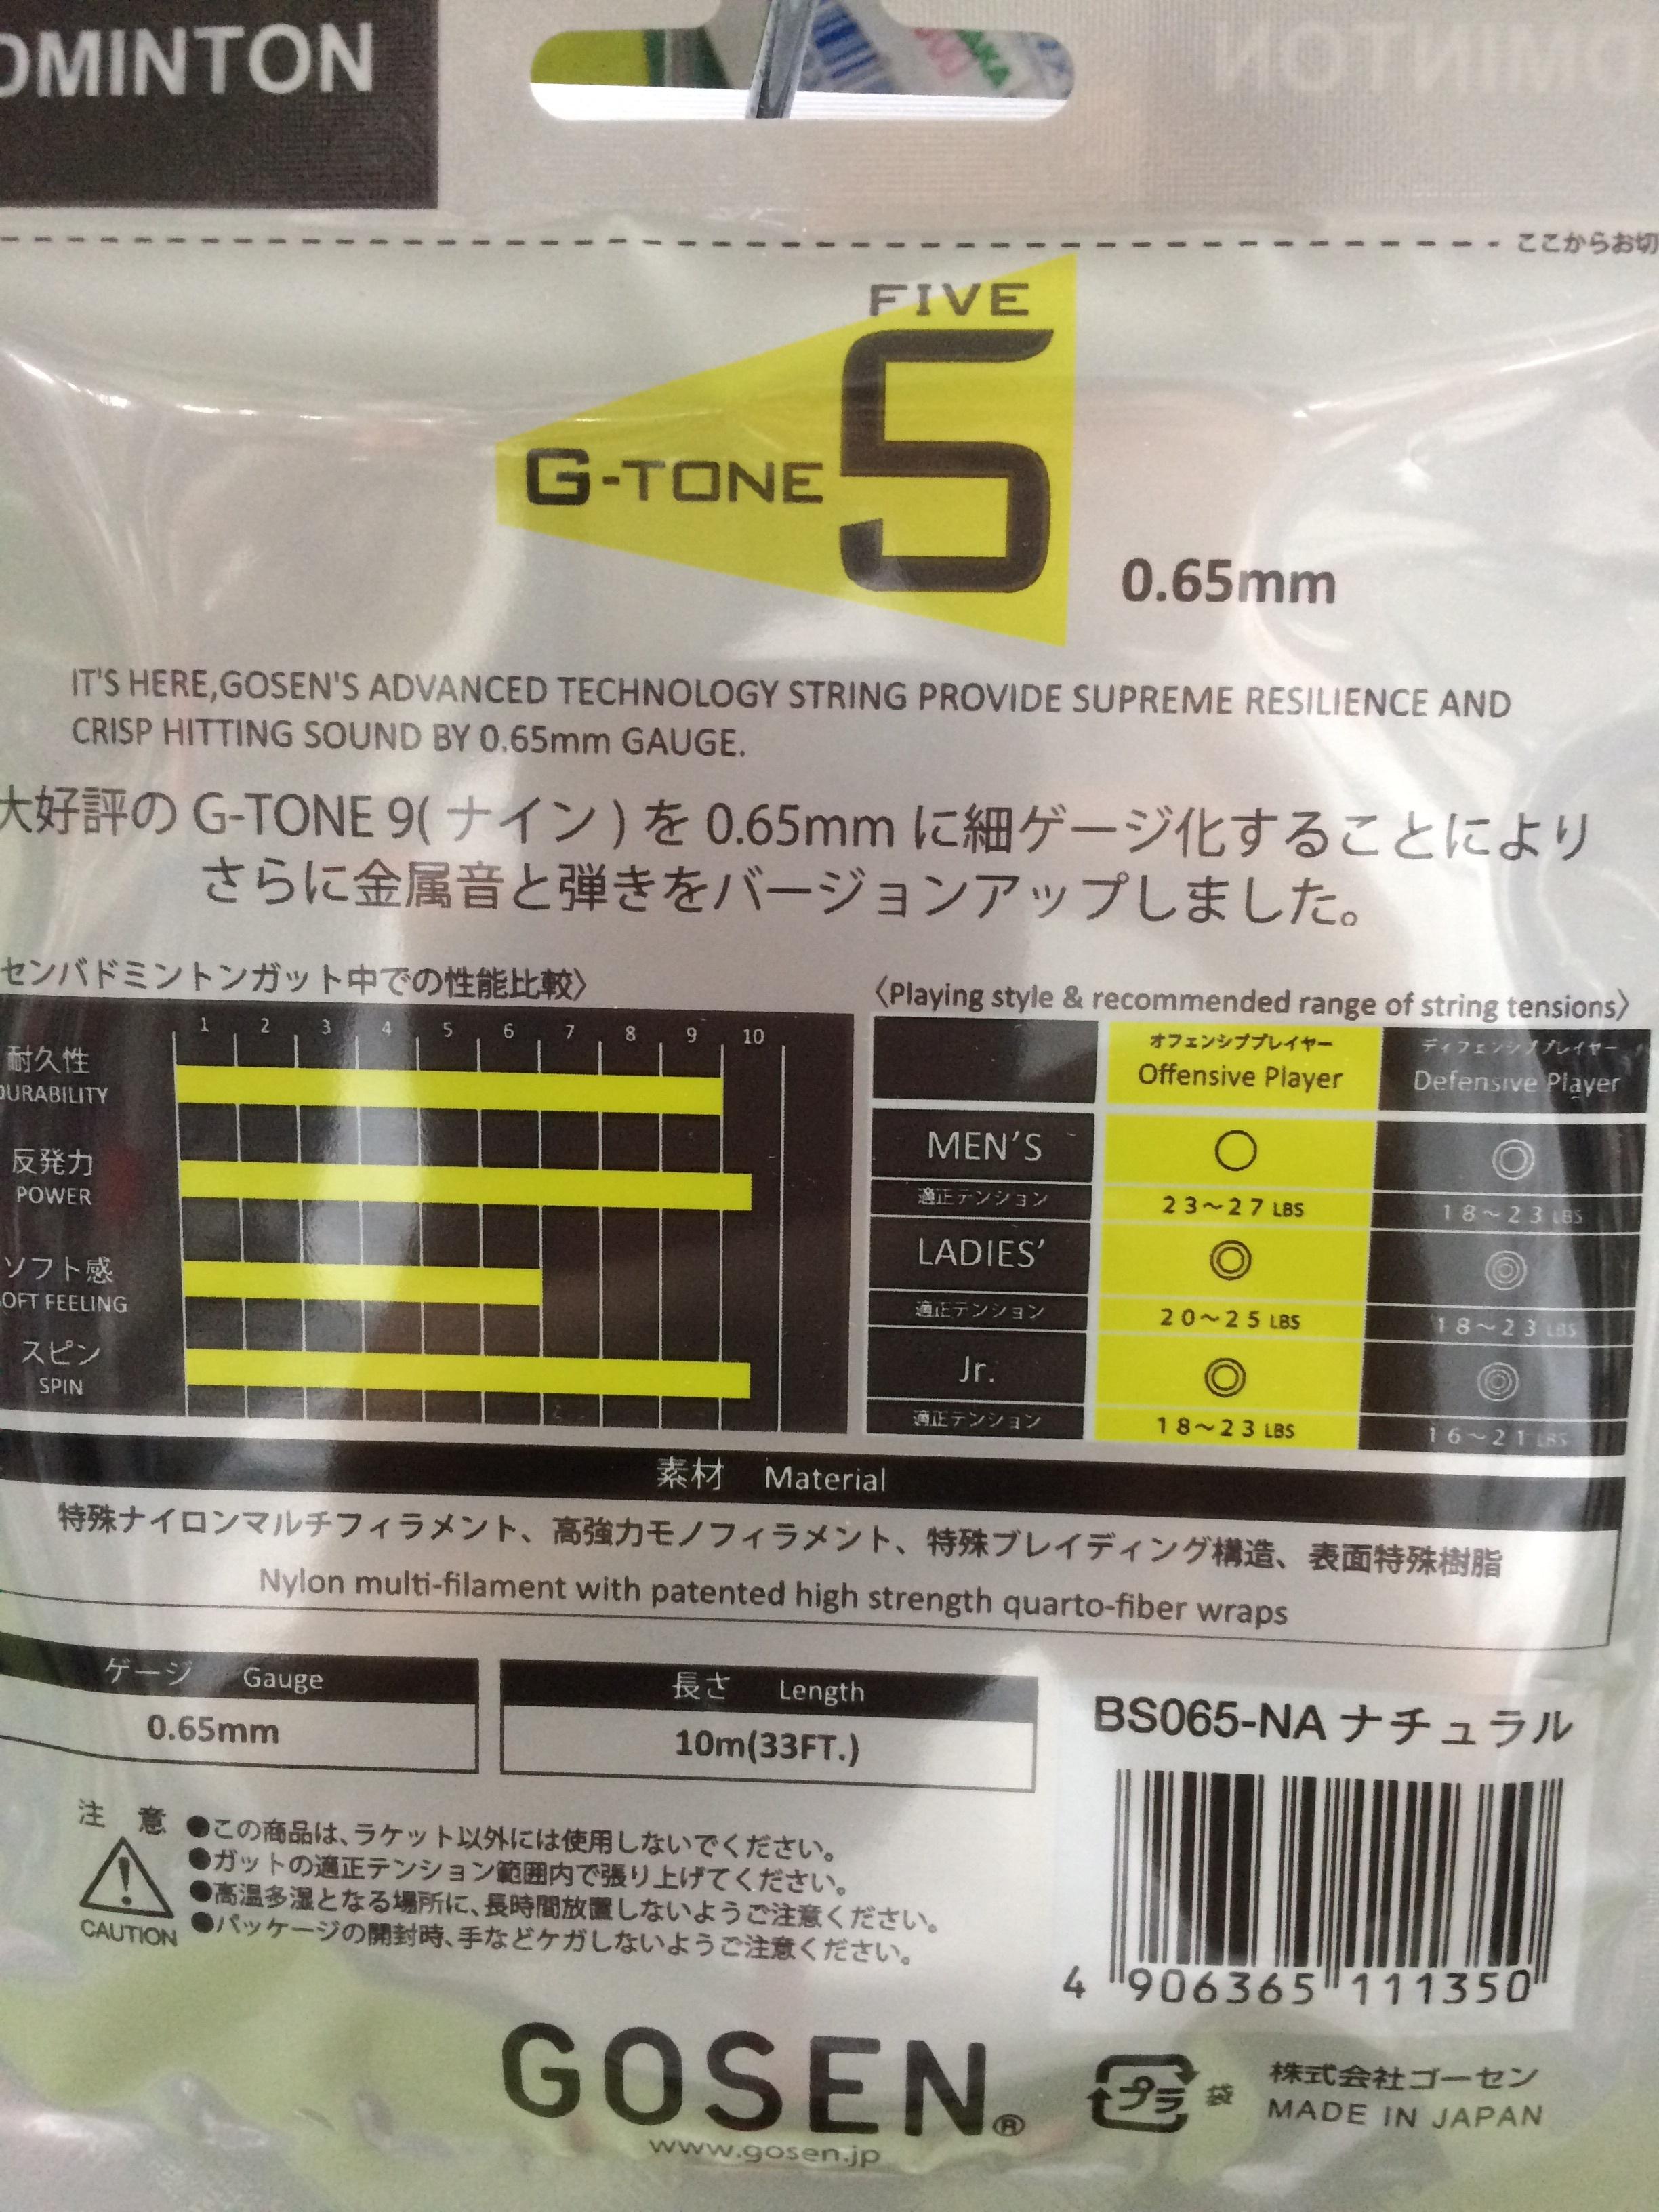 ゴーセン G-TONE5 - 画像2